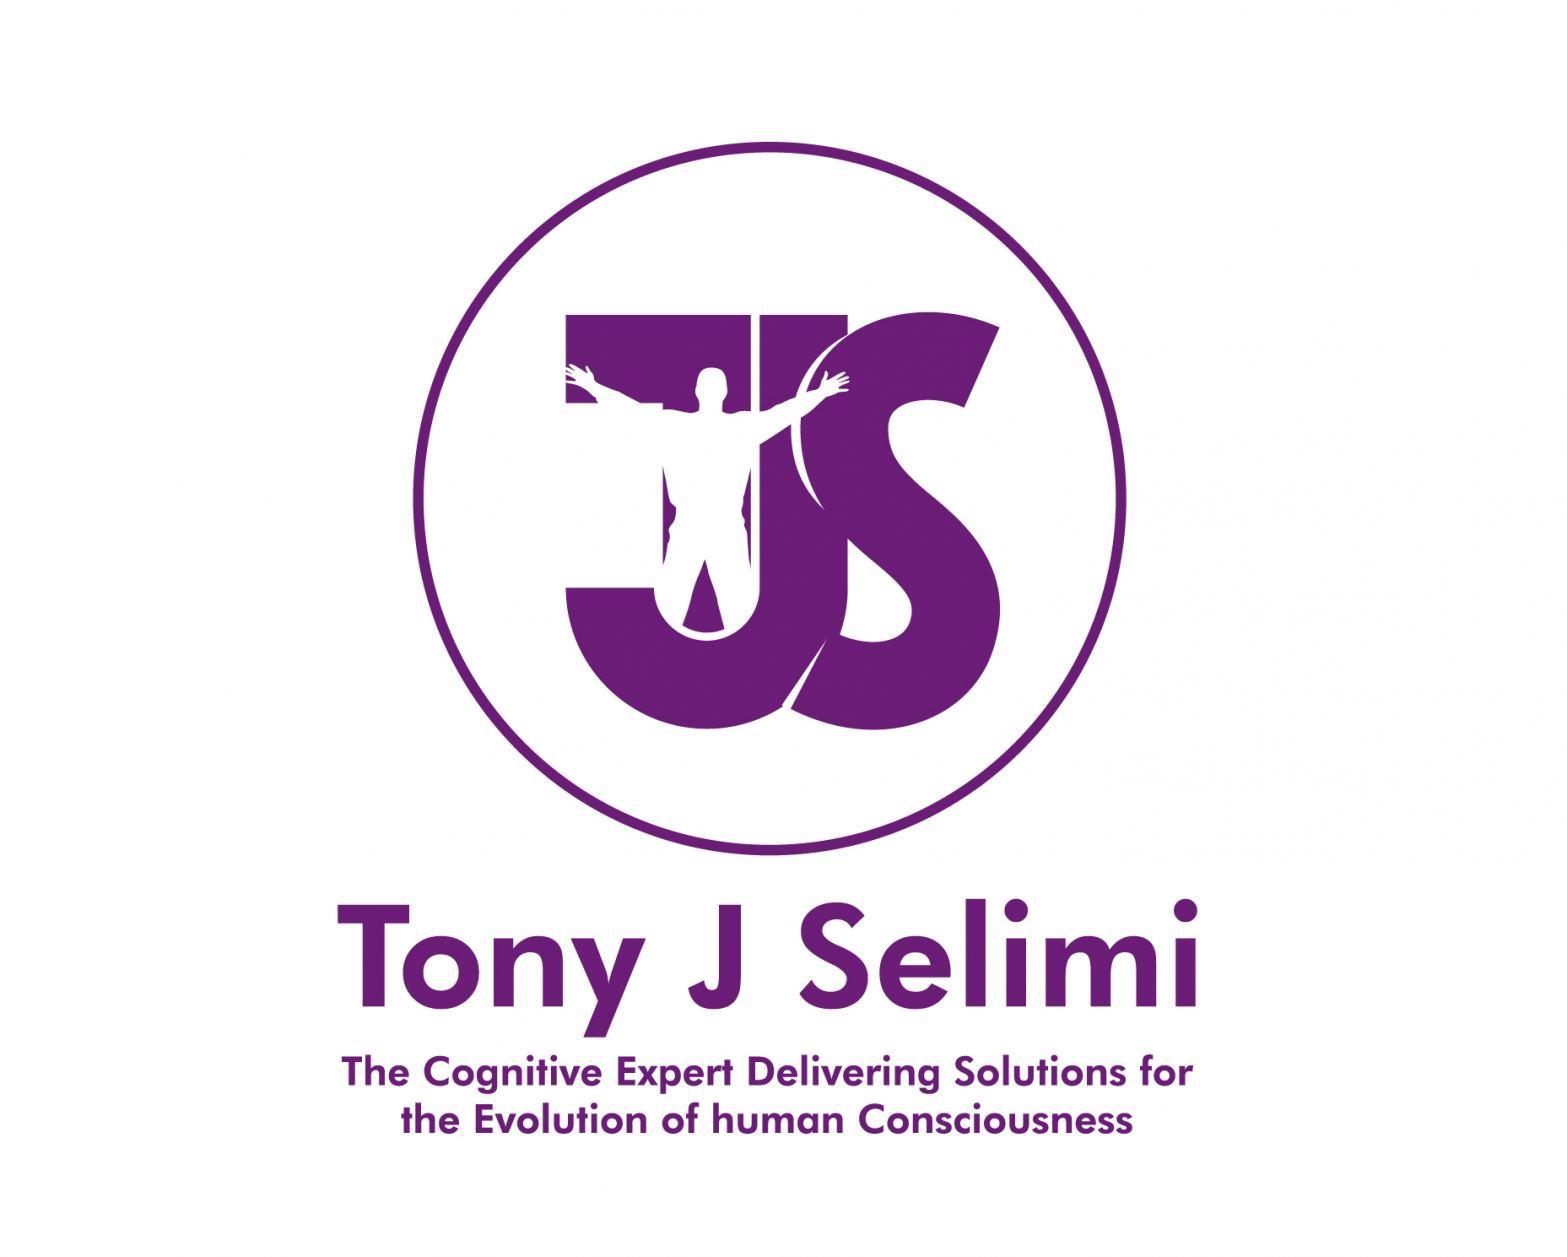 tonyselimi Logo